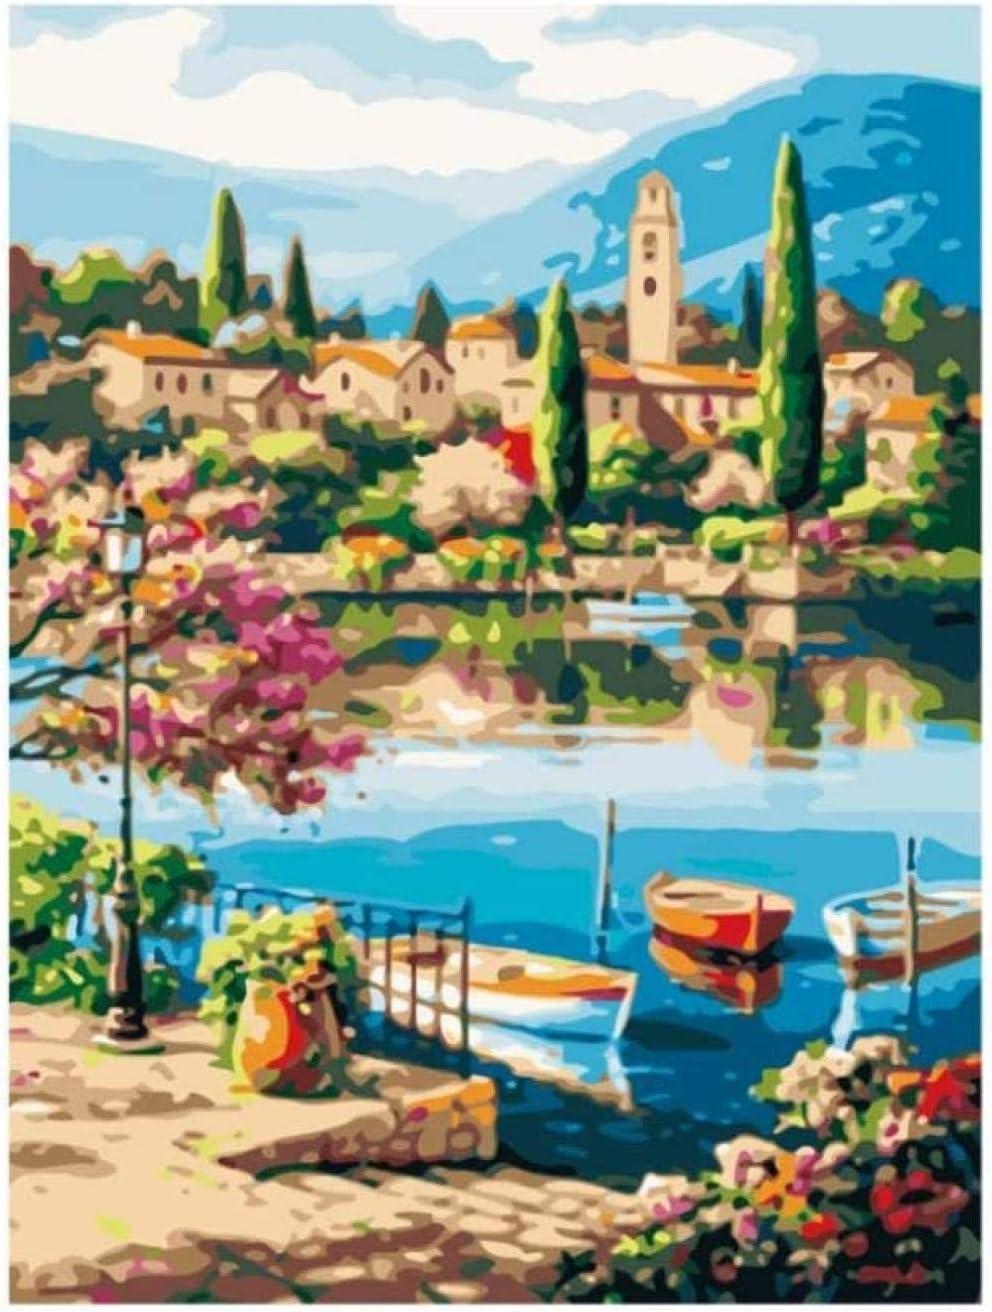 Diy pintura digital pintura digital ciudad lago diy pintura por números abstracto casa del barco pintura al óleo sobre lienzo árbol cuadros decoración acrílico arte de la pared regalo sin marco